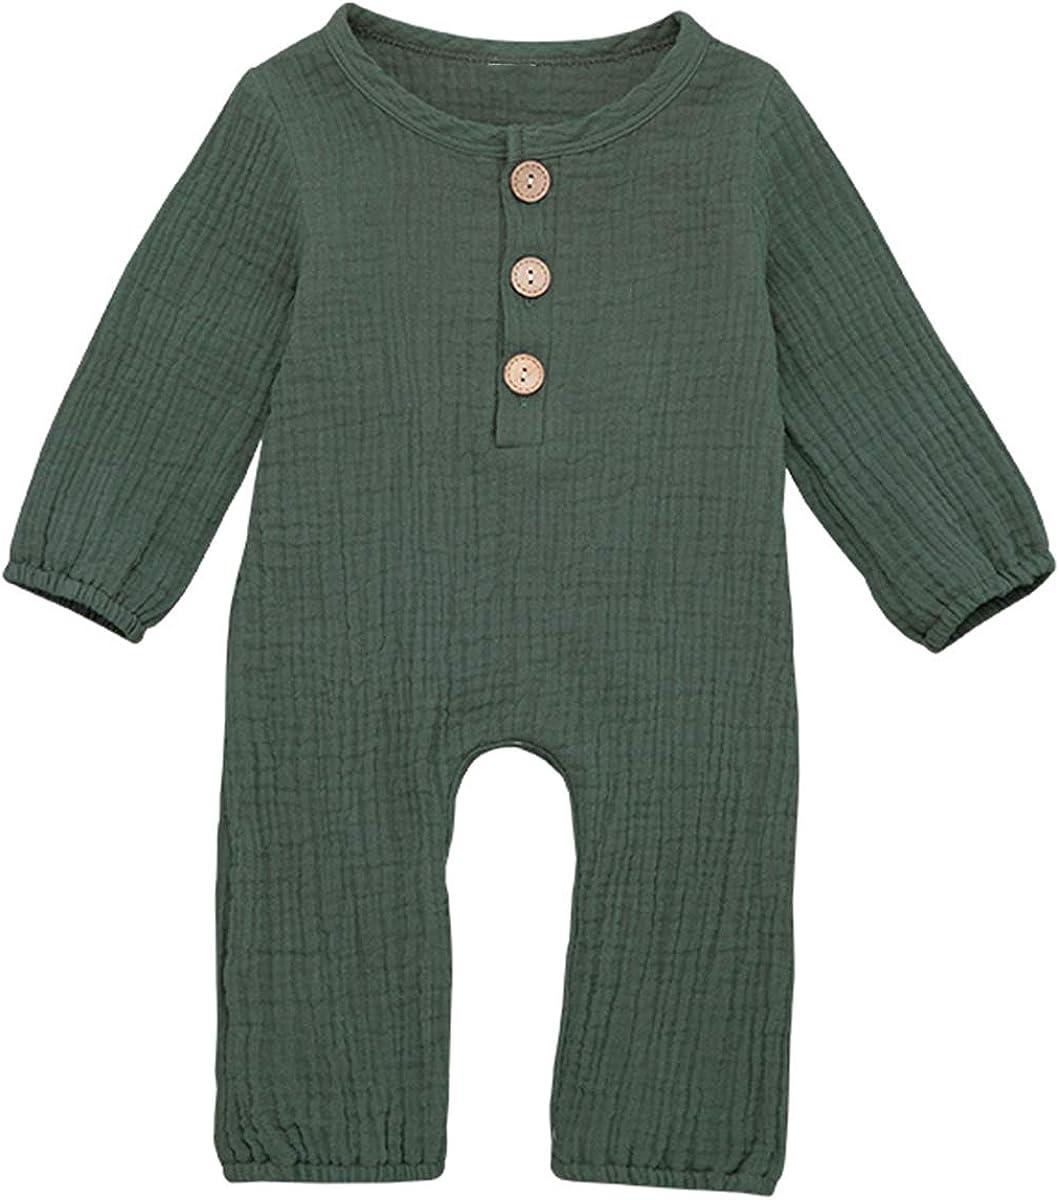 Borlai Baby Langarm Strampler Overall Neugeborenen Reine Farbe Baumwolle Leinen Body Outfits Kleidung f/ür Unisex 0-24 Monate